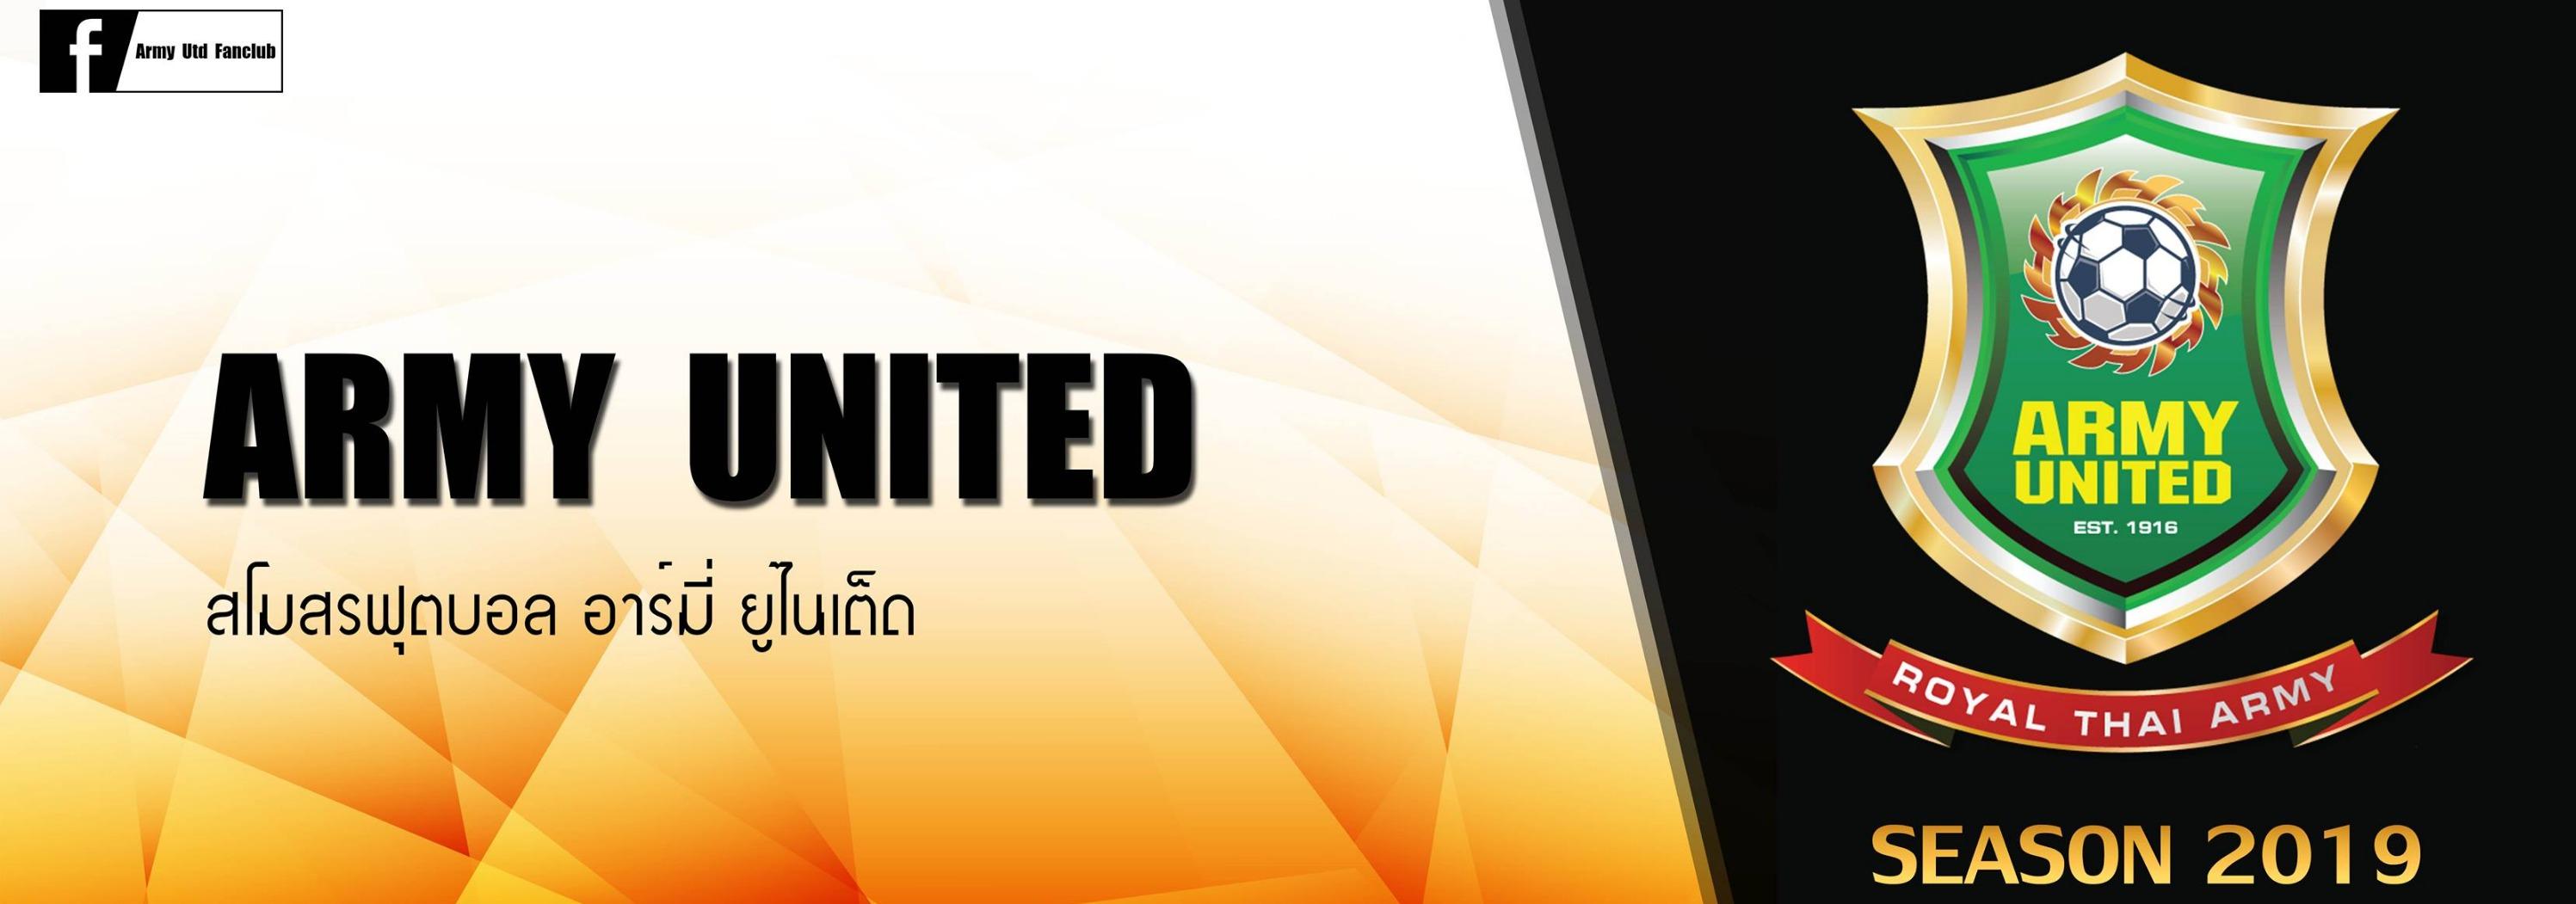 Army United 2019